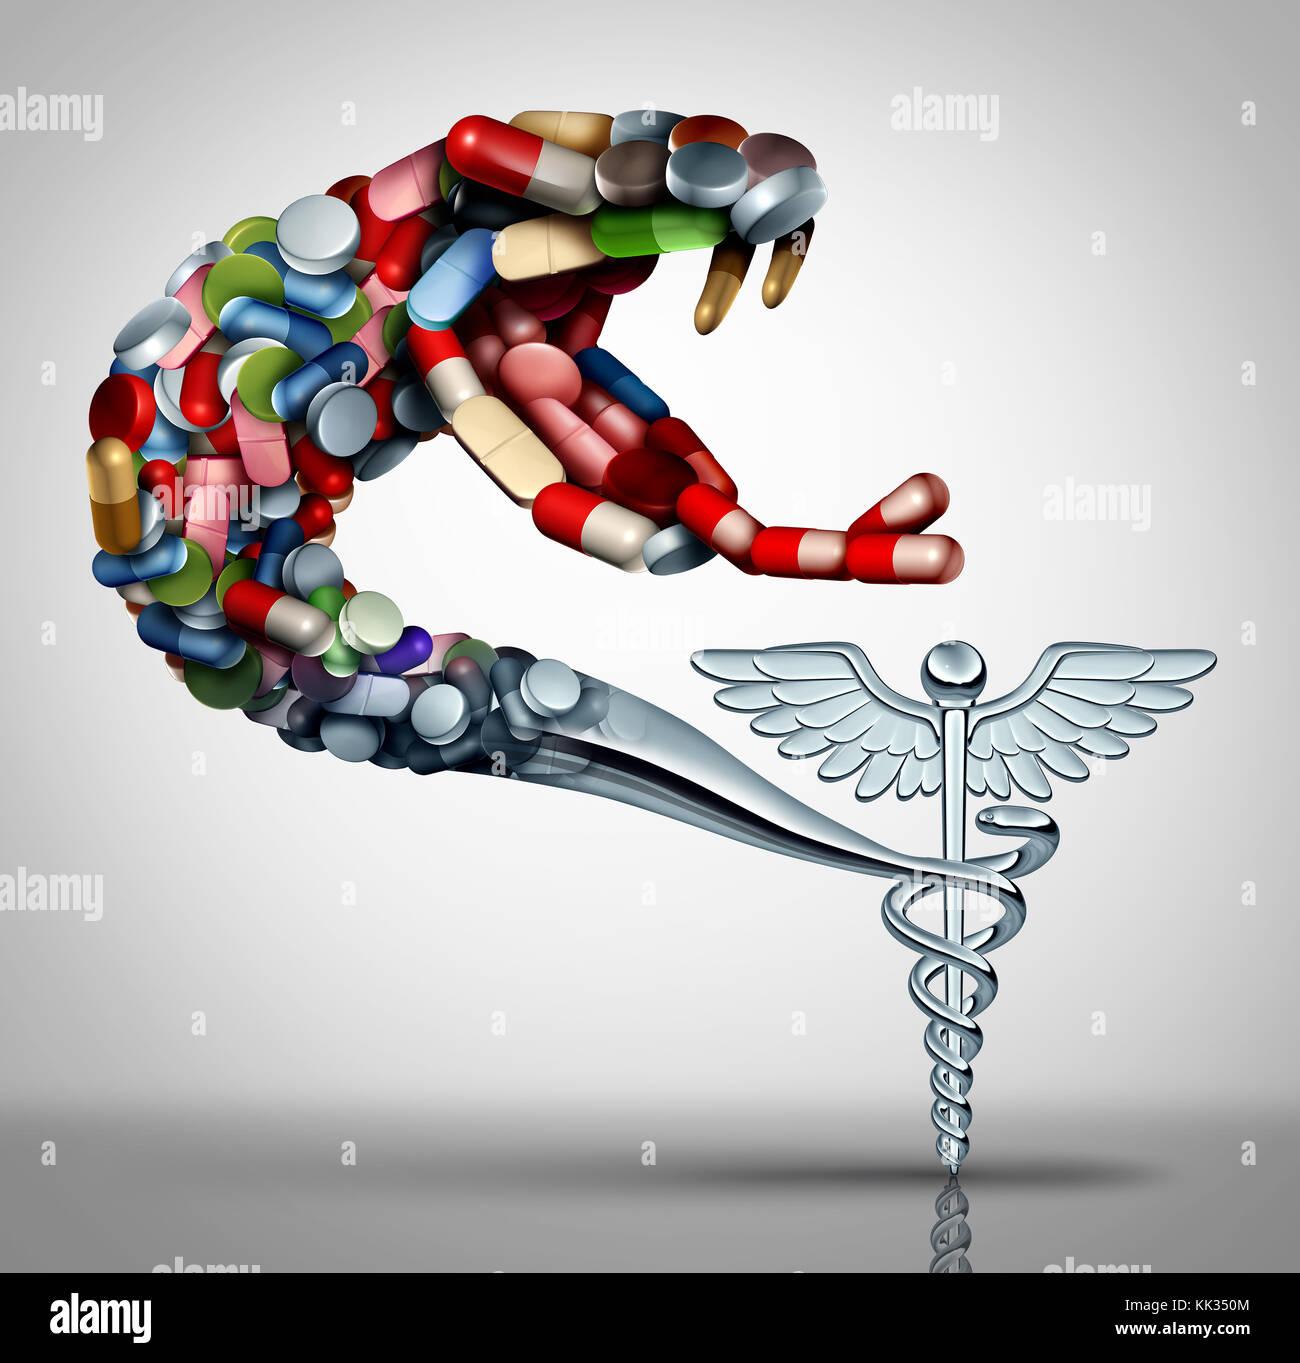 Medicazione di pericolo per la salute e la prescrizione di droga nozione come un problema sociale il simbolo per Immagini Stock